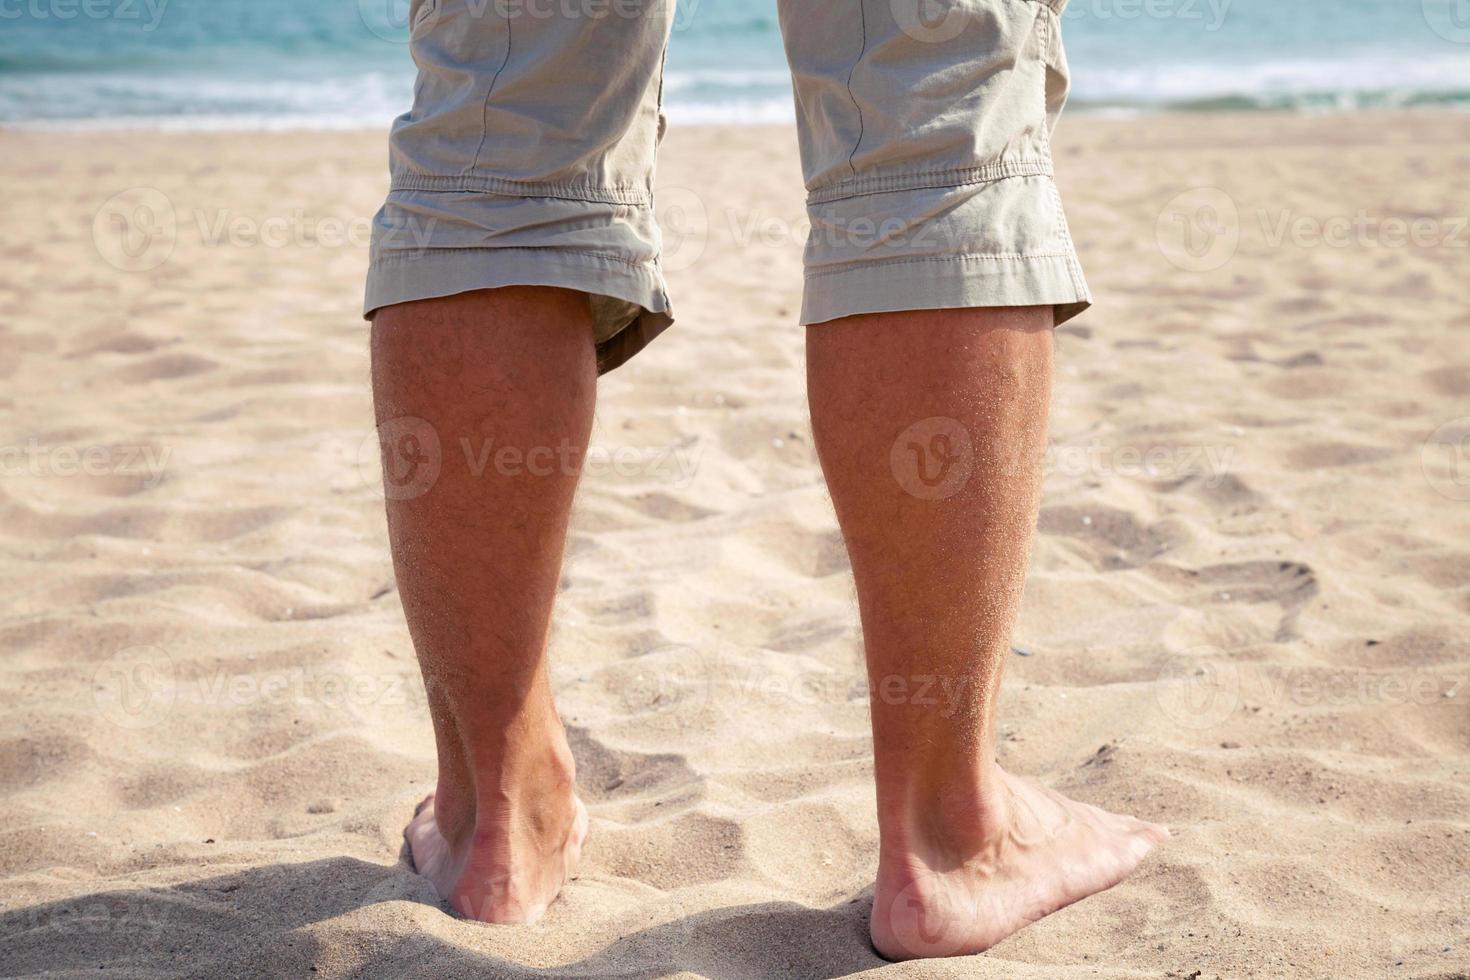 Beine des jungen kaukasischen Mannes, der auf Sandstrand steht foto